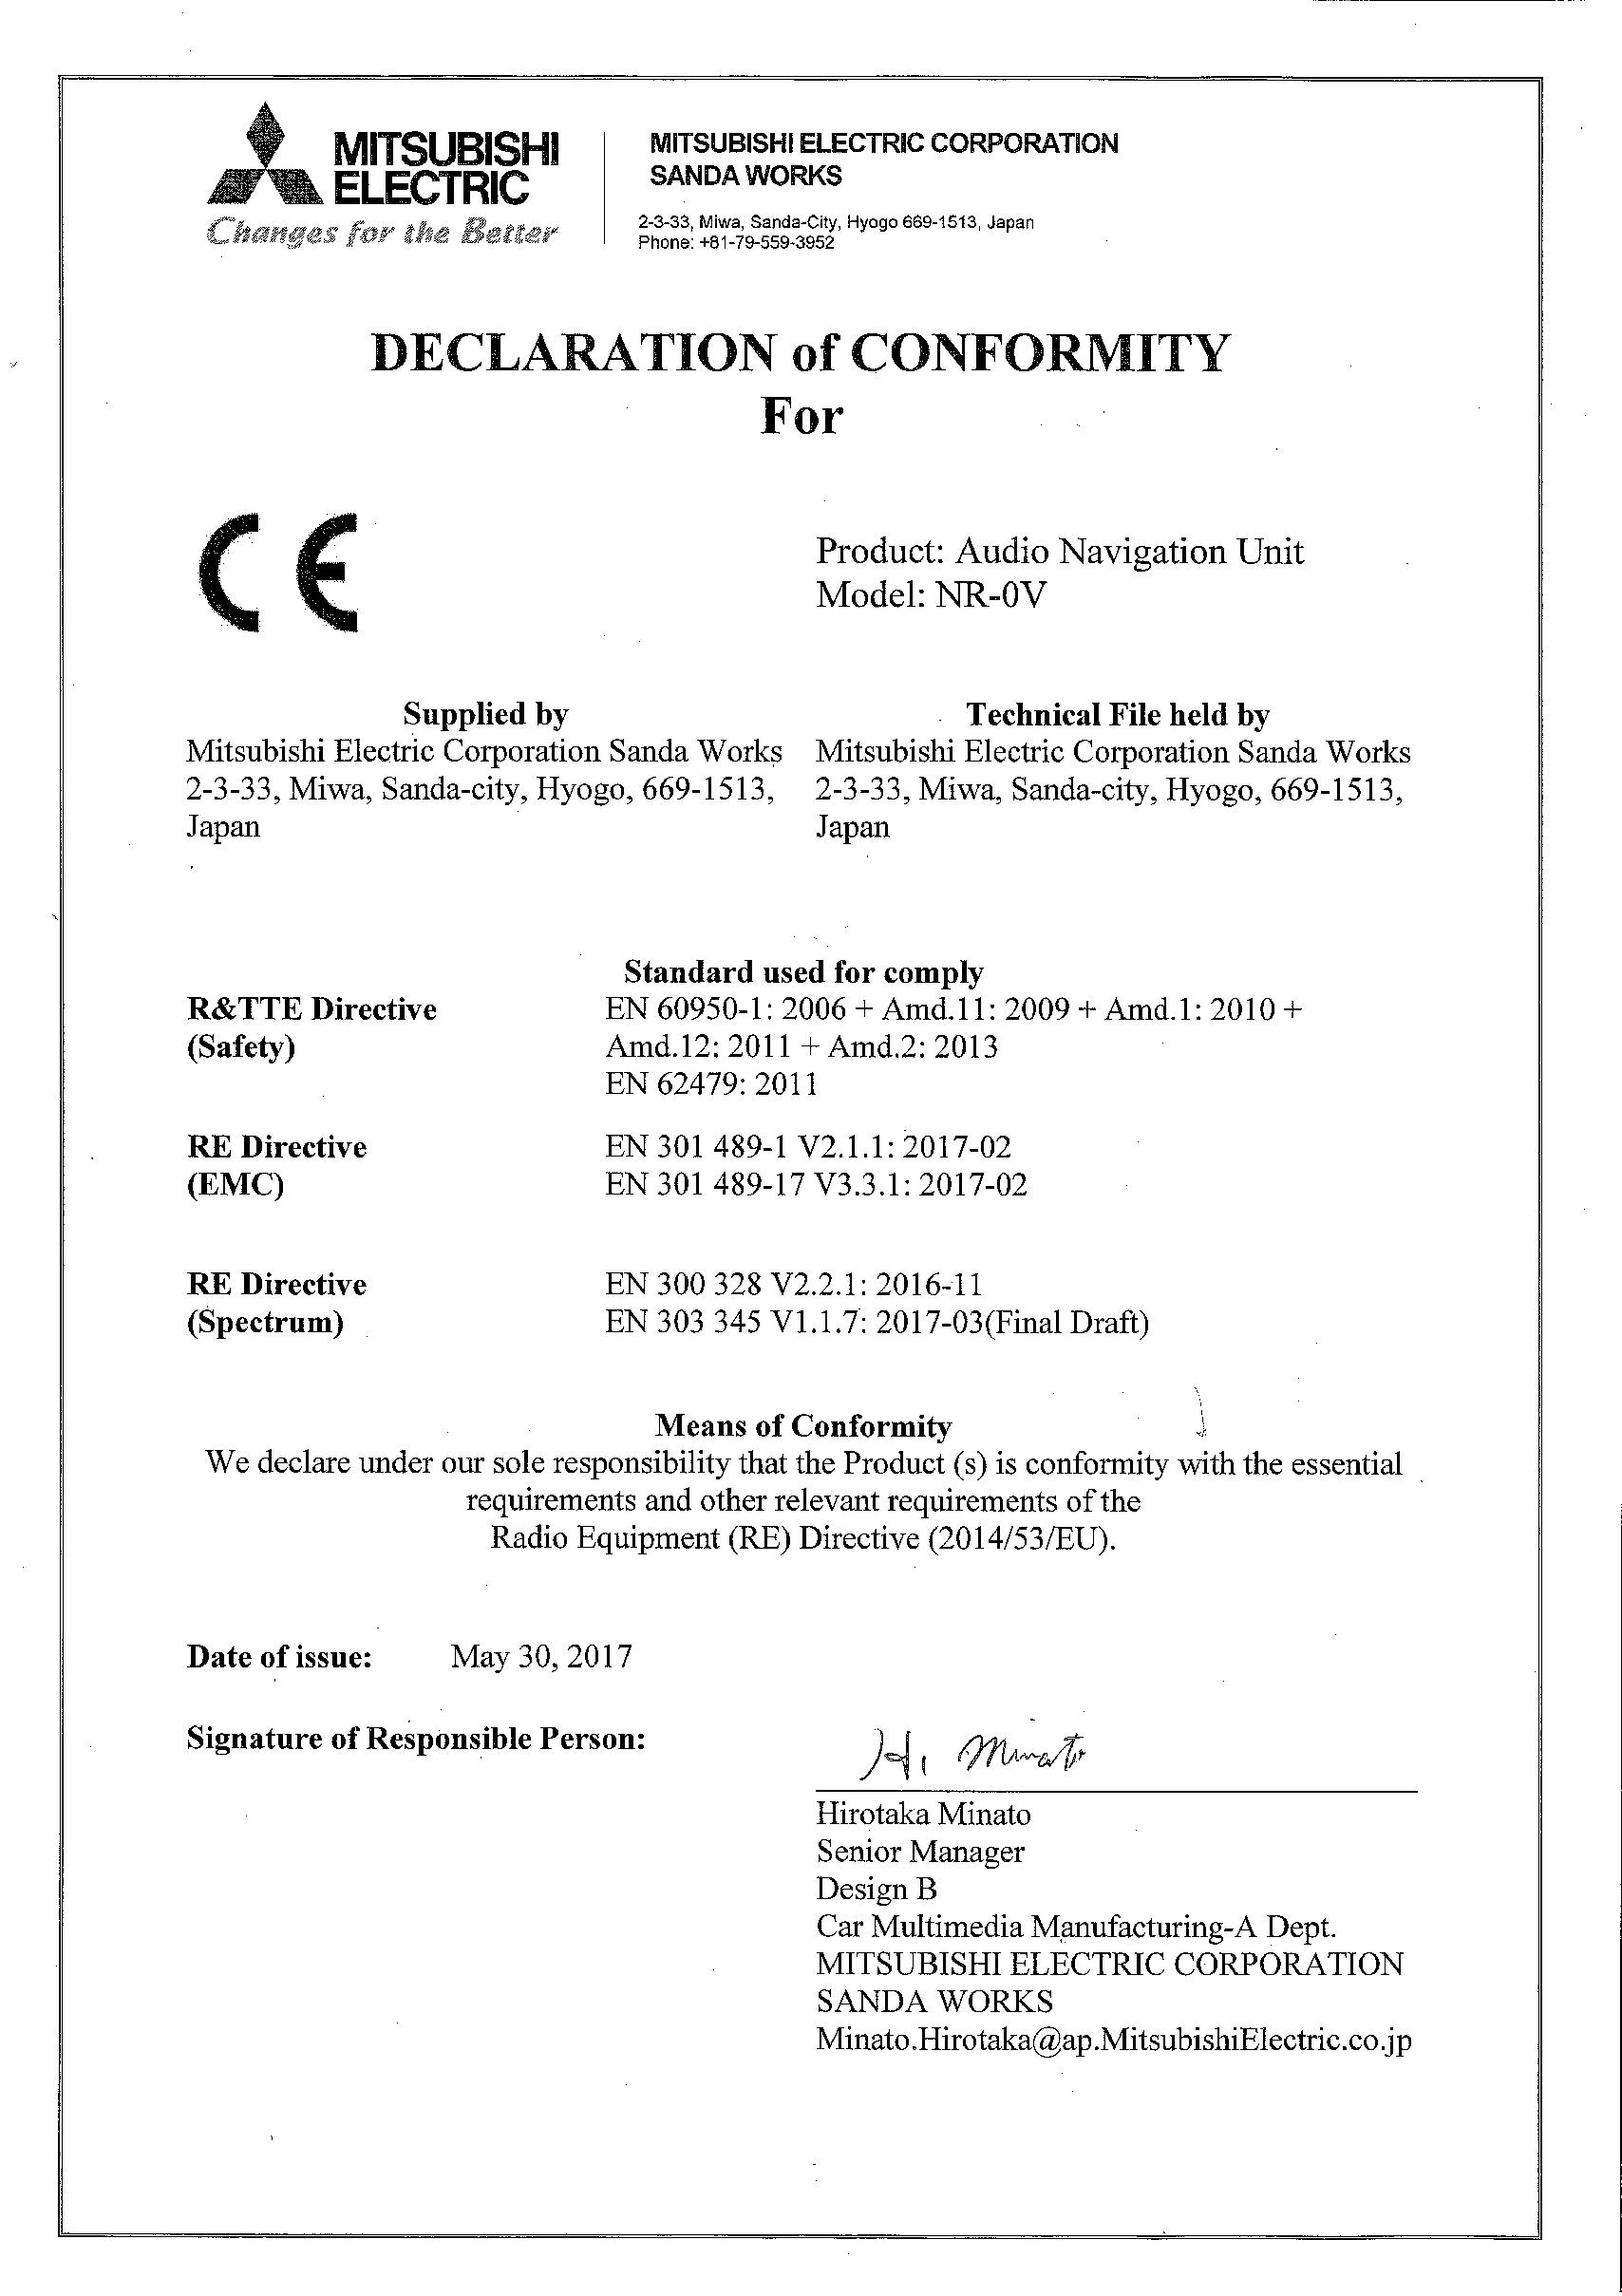 P5/P6-1746-Declaration of Conformity